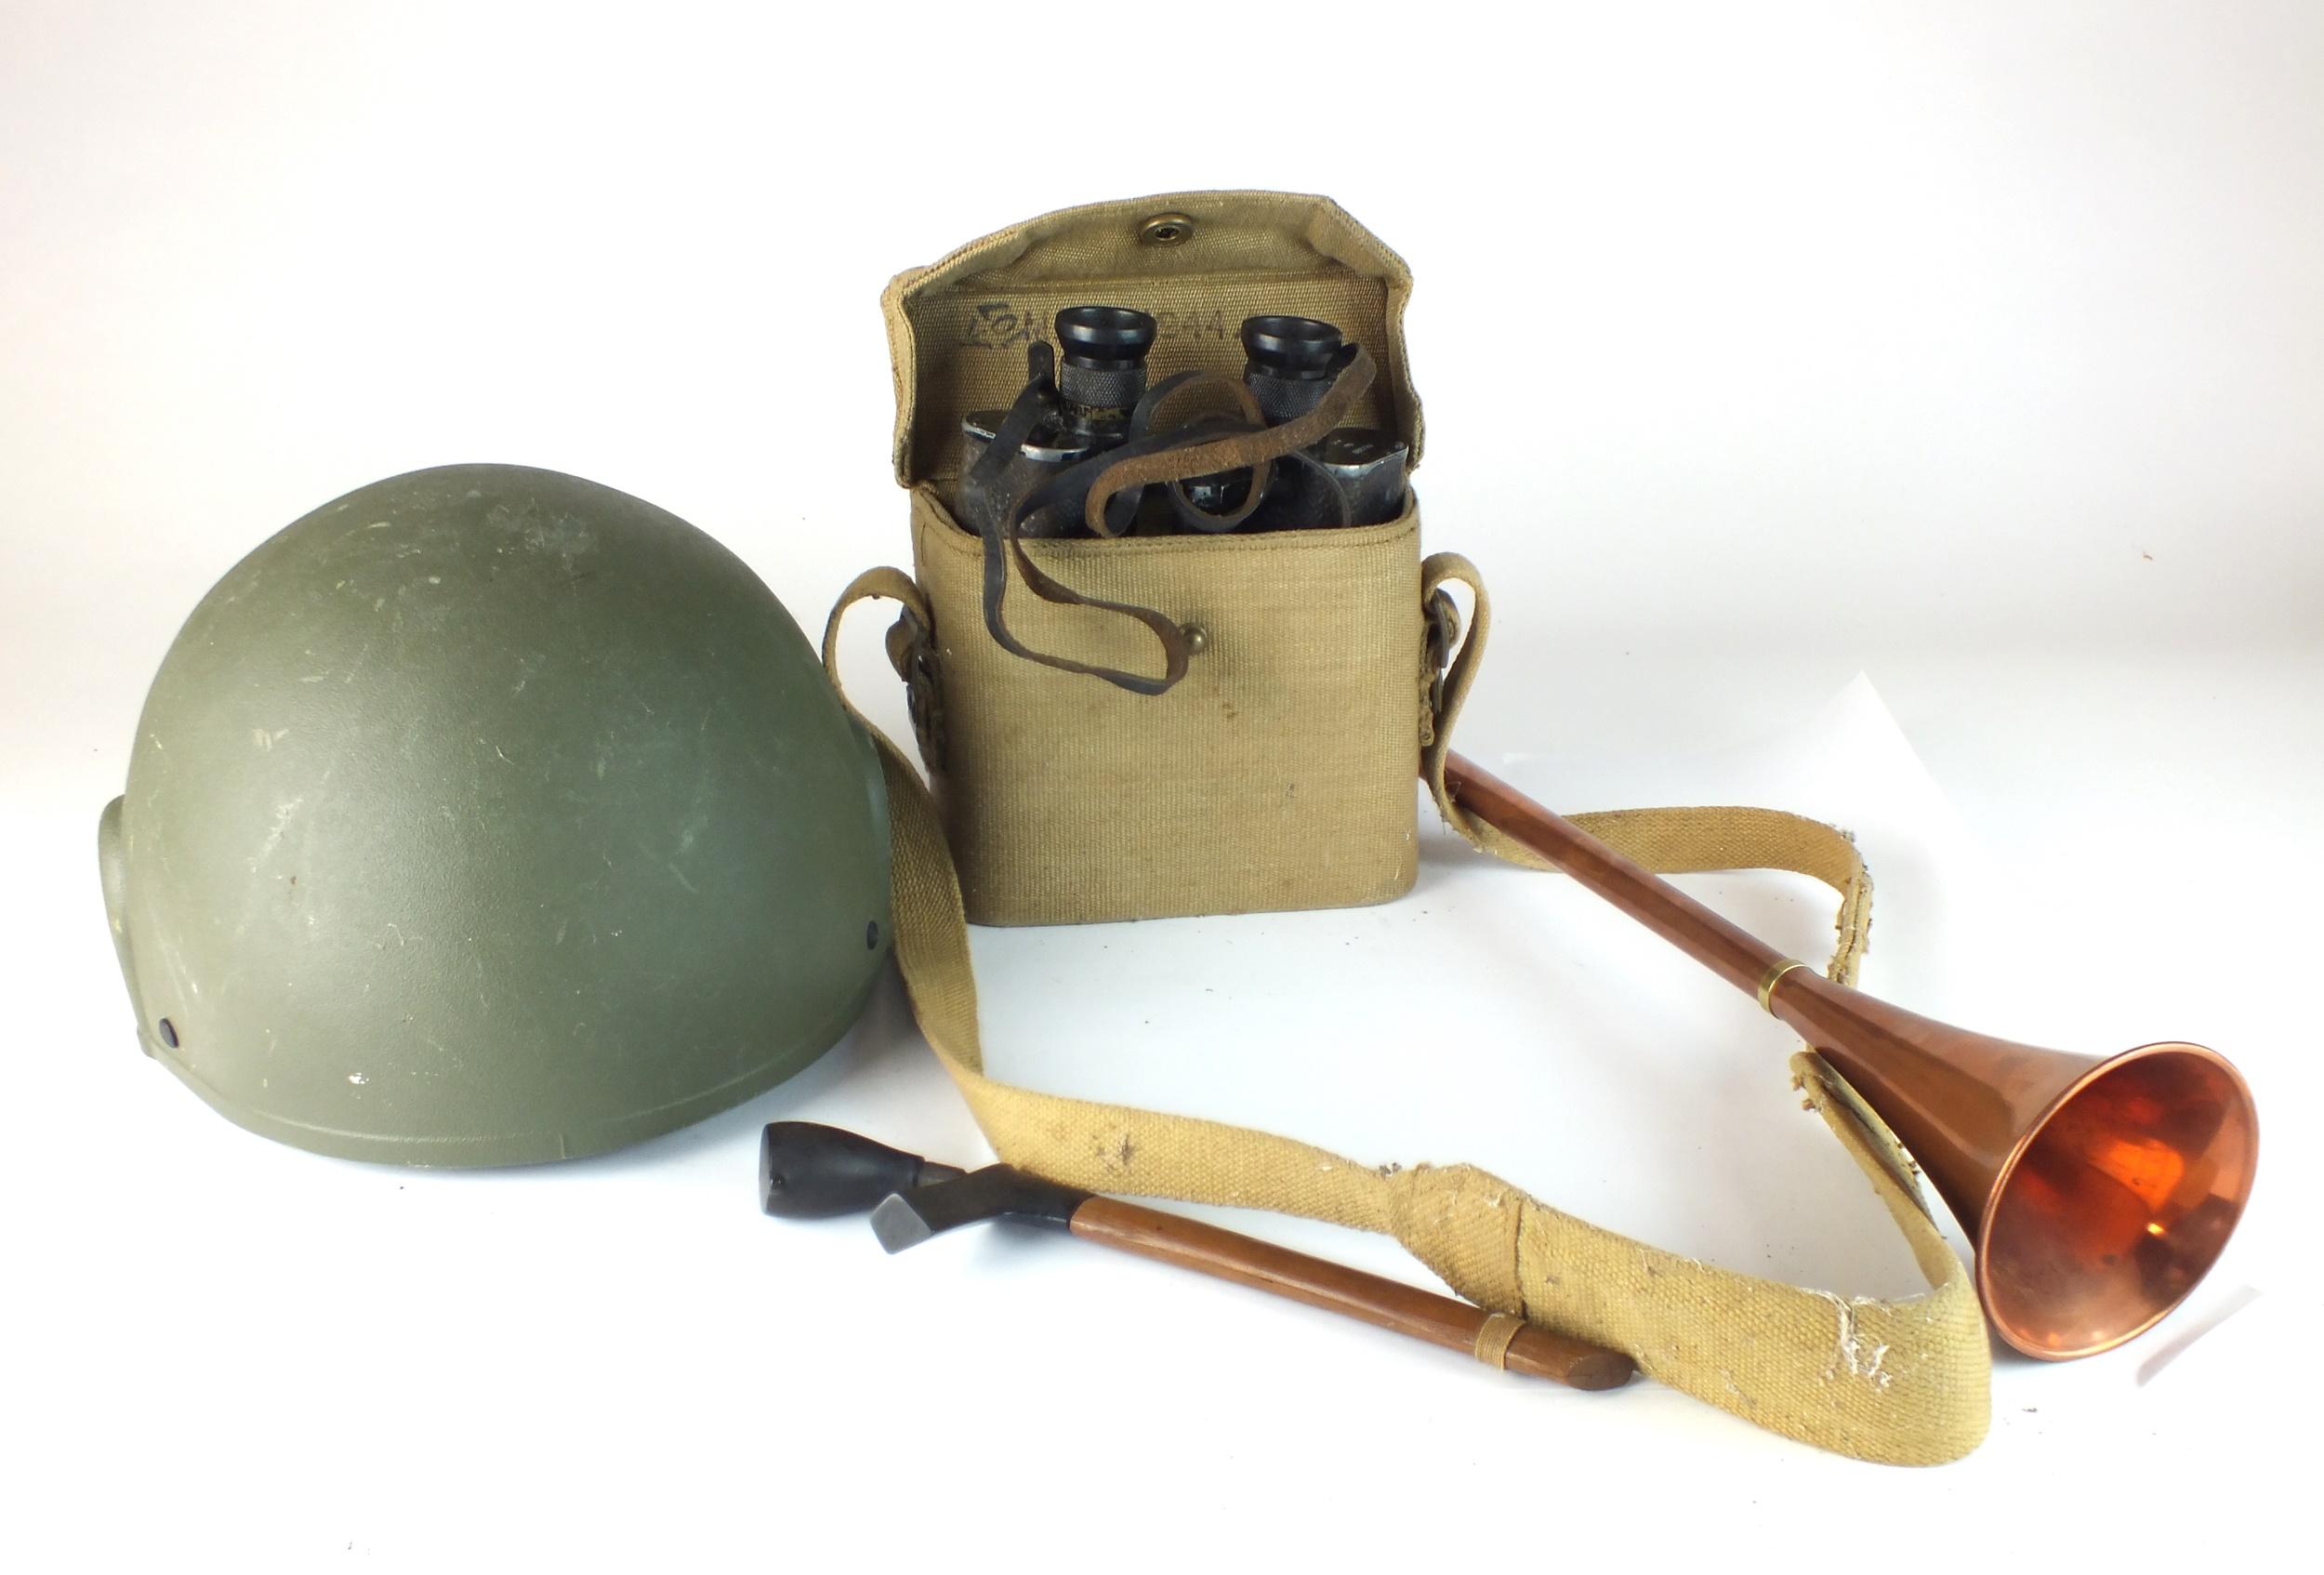 British Army helmet, WW2 binoculars, South-East Asian dagger, copper horn